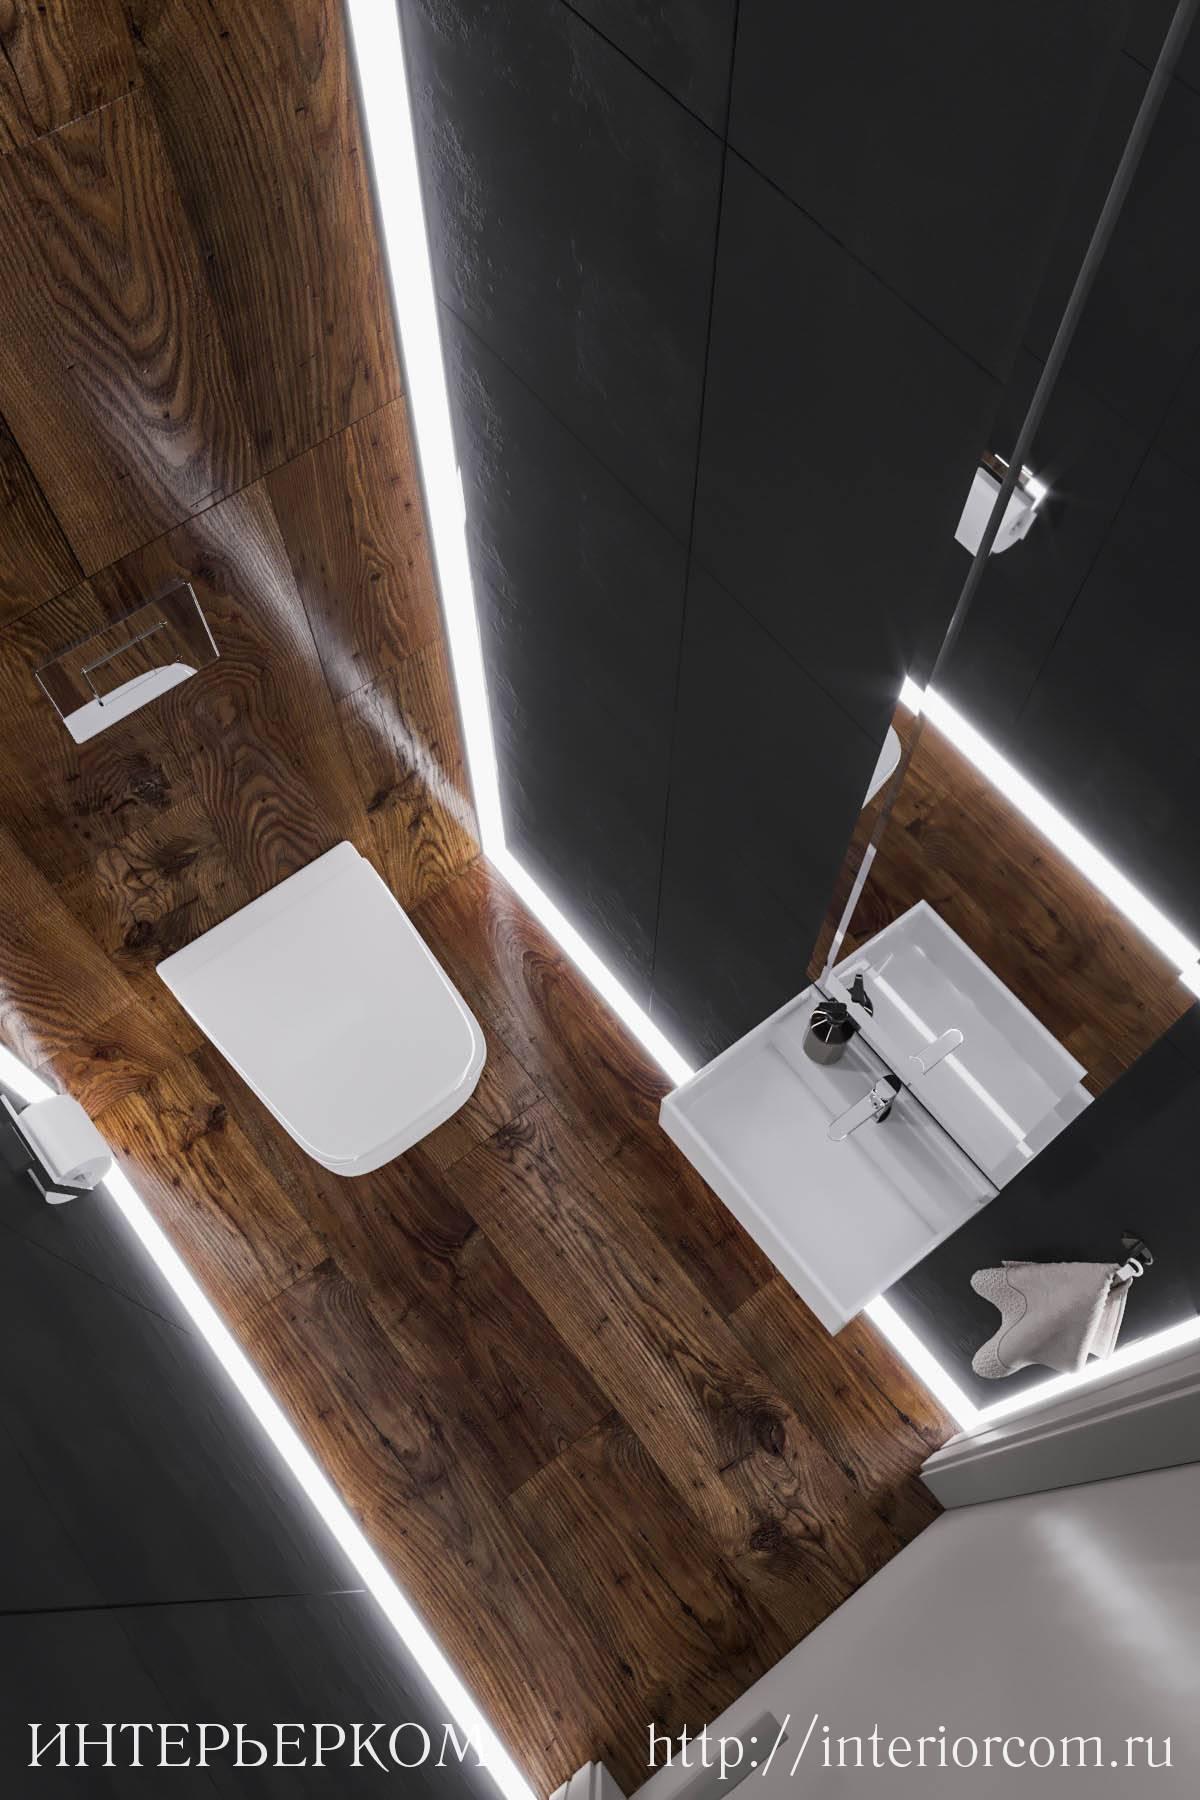 Подсветка комнаты светодиодной лентой: виды, советы по выбору и подключению